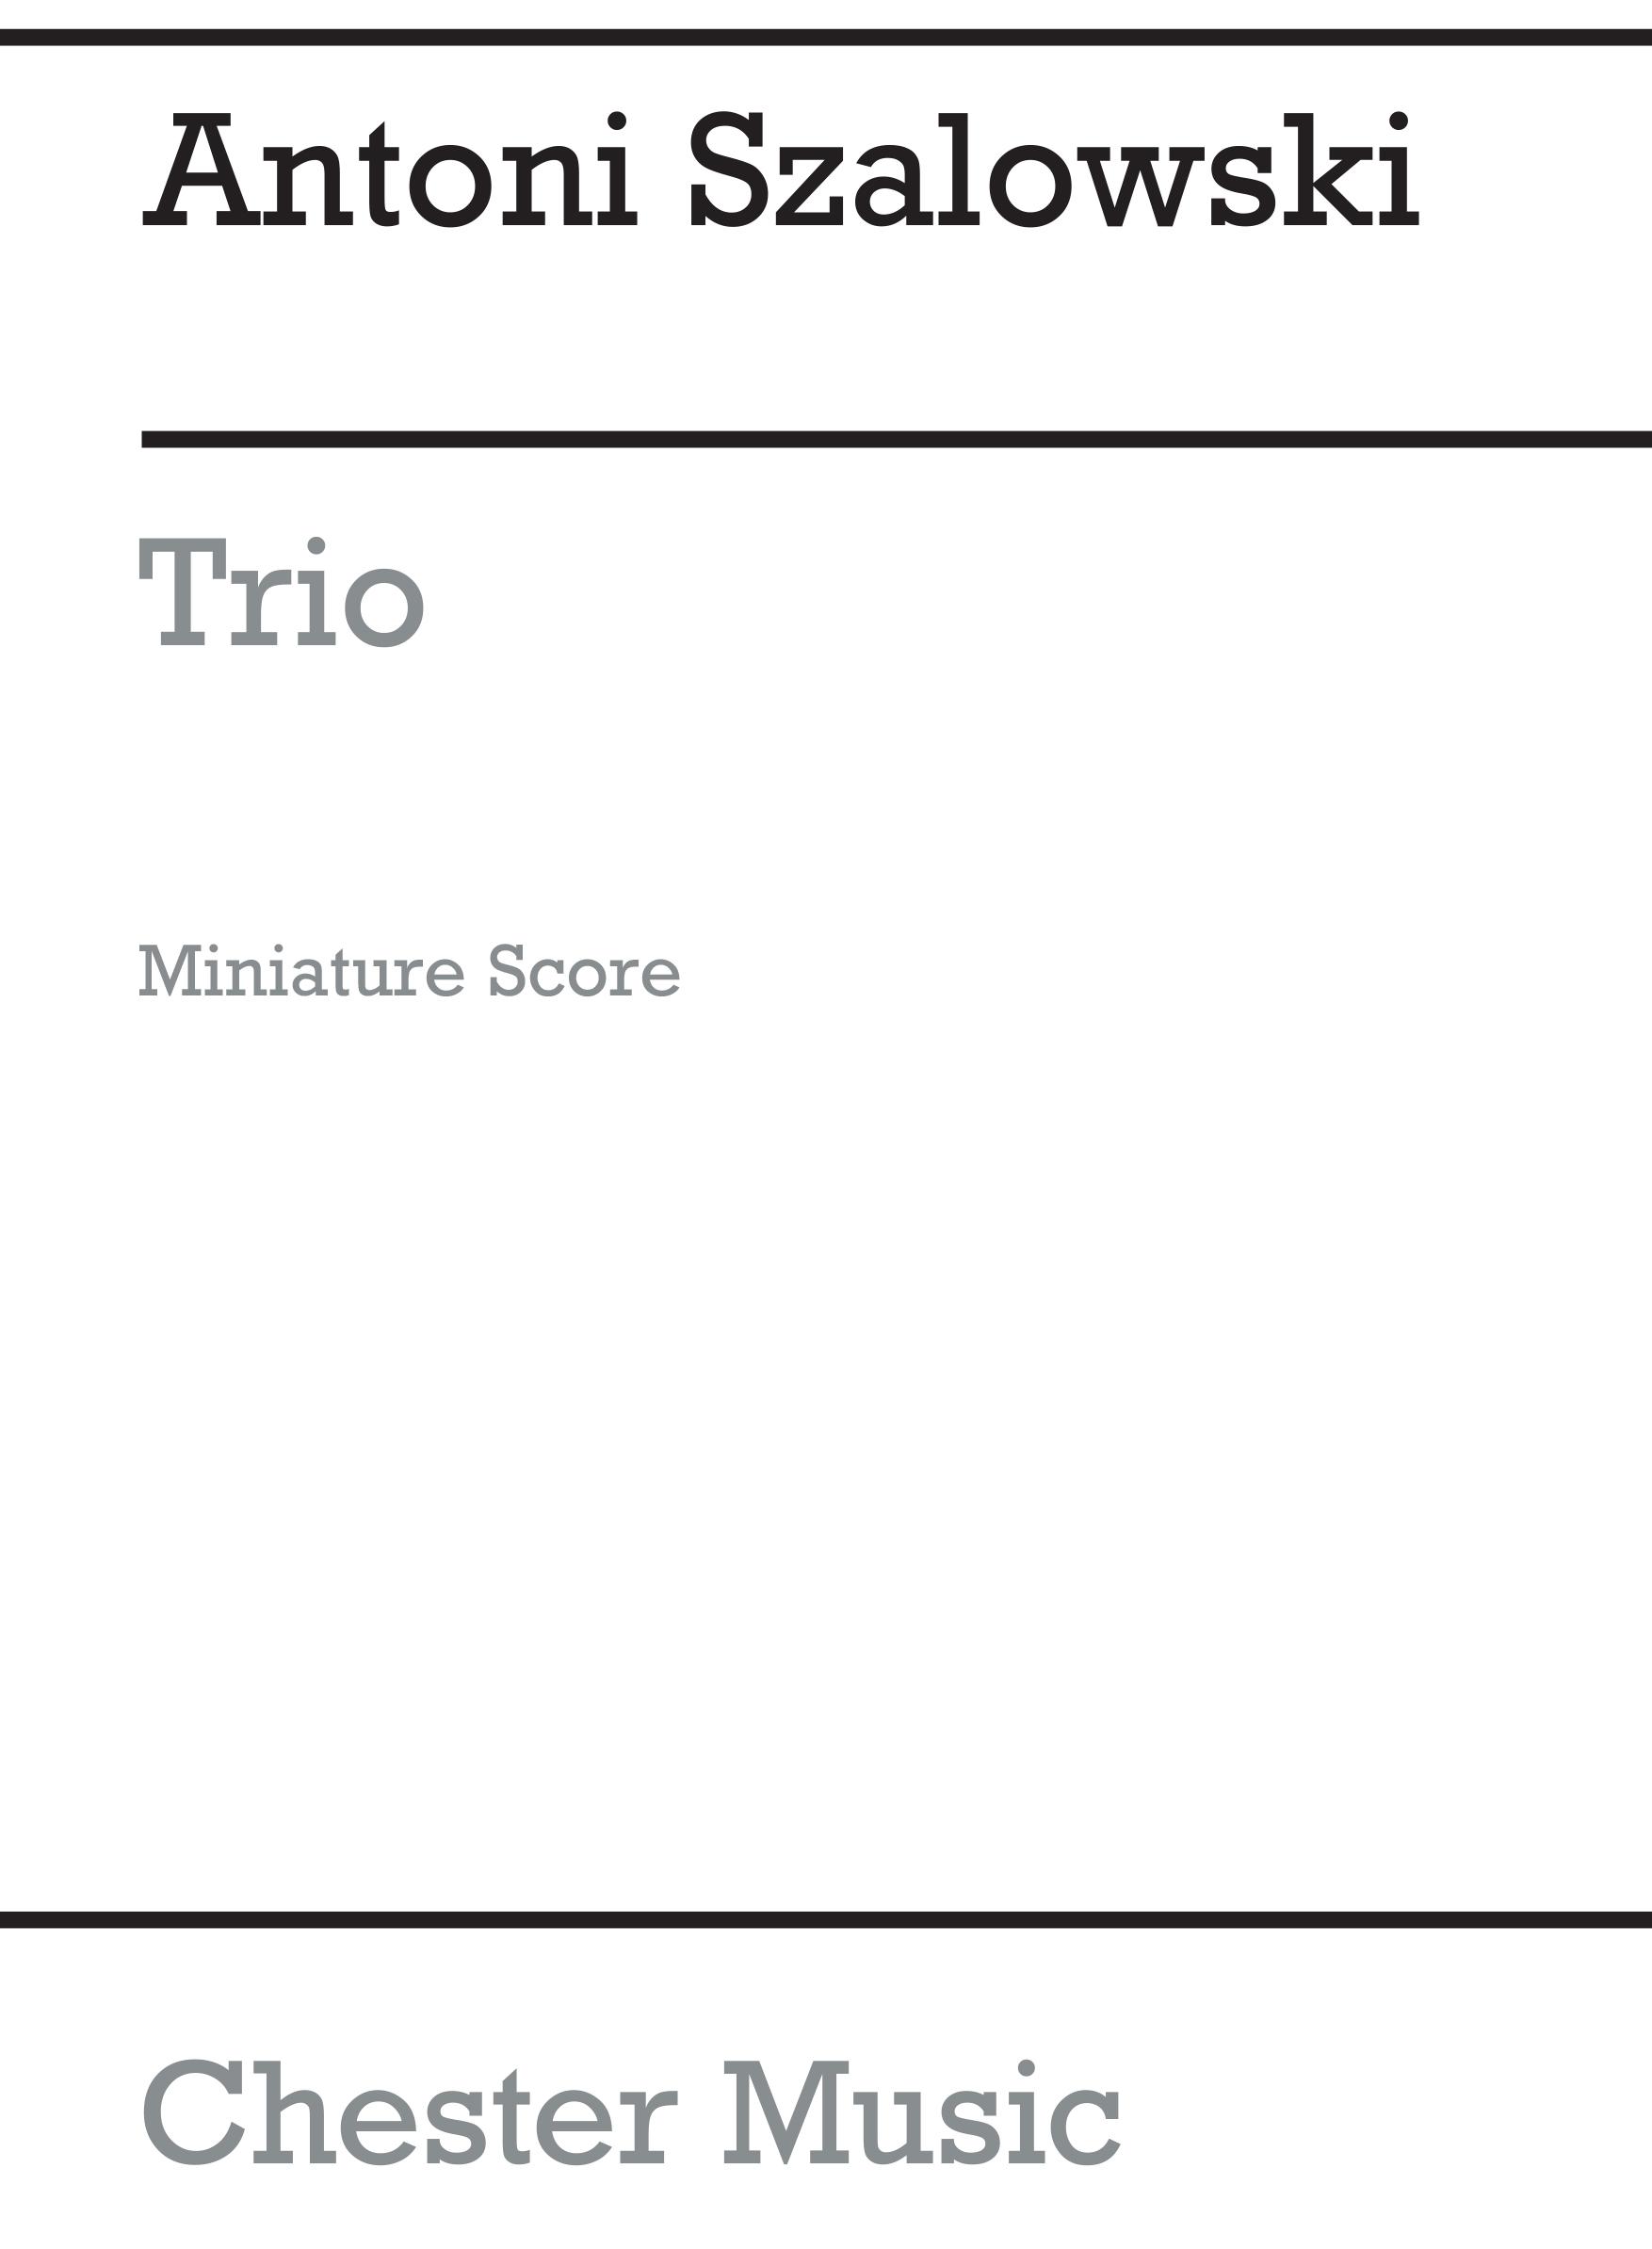 Antoni Szalowski: Trio (Miniature Score): Wind Ensemble: Miniature Score